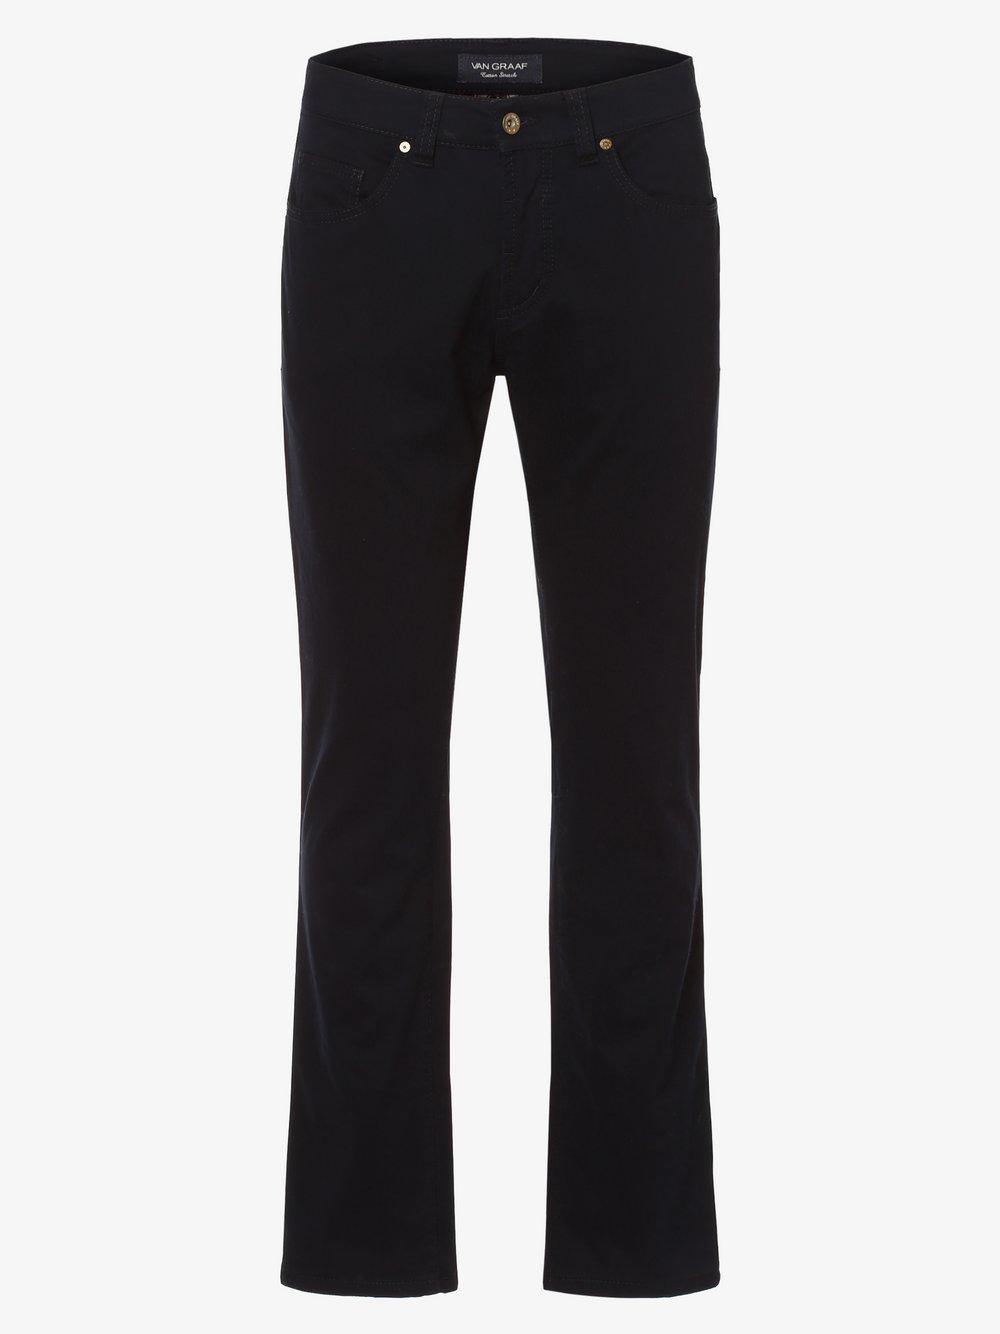 Van Graaf – Spodnie męskie, niebieski Van Graaf 449237-0001